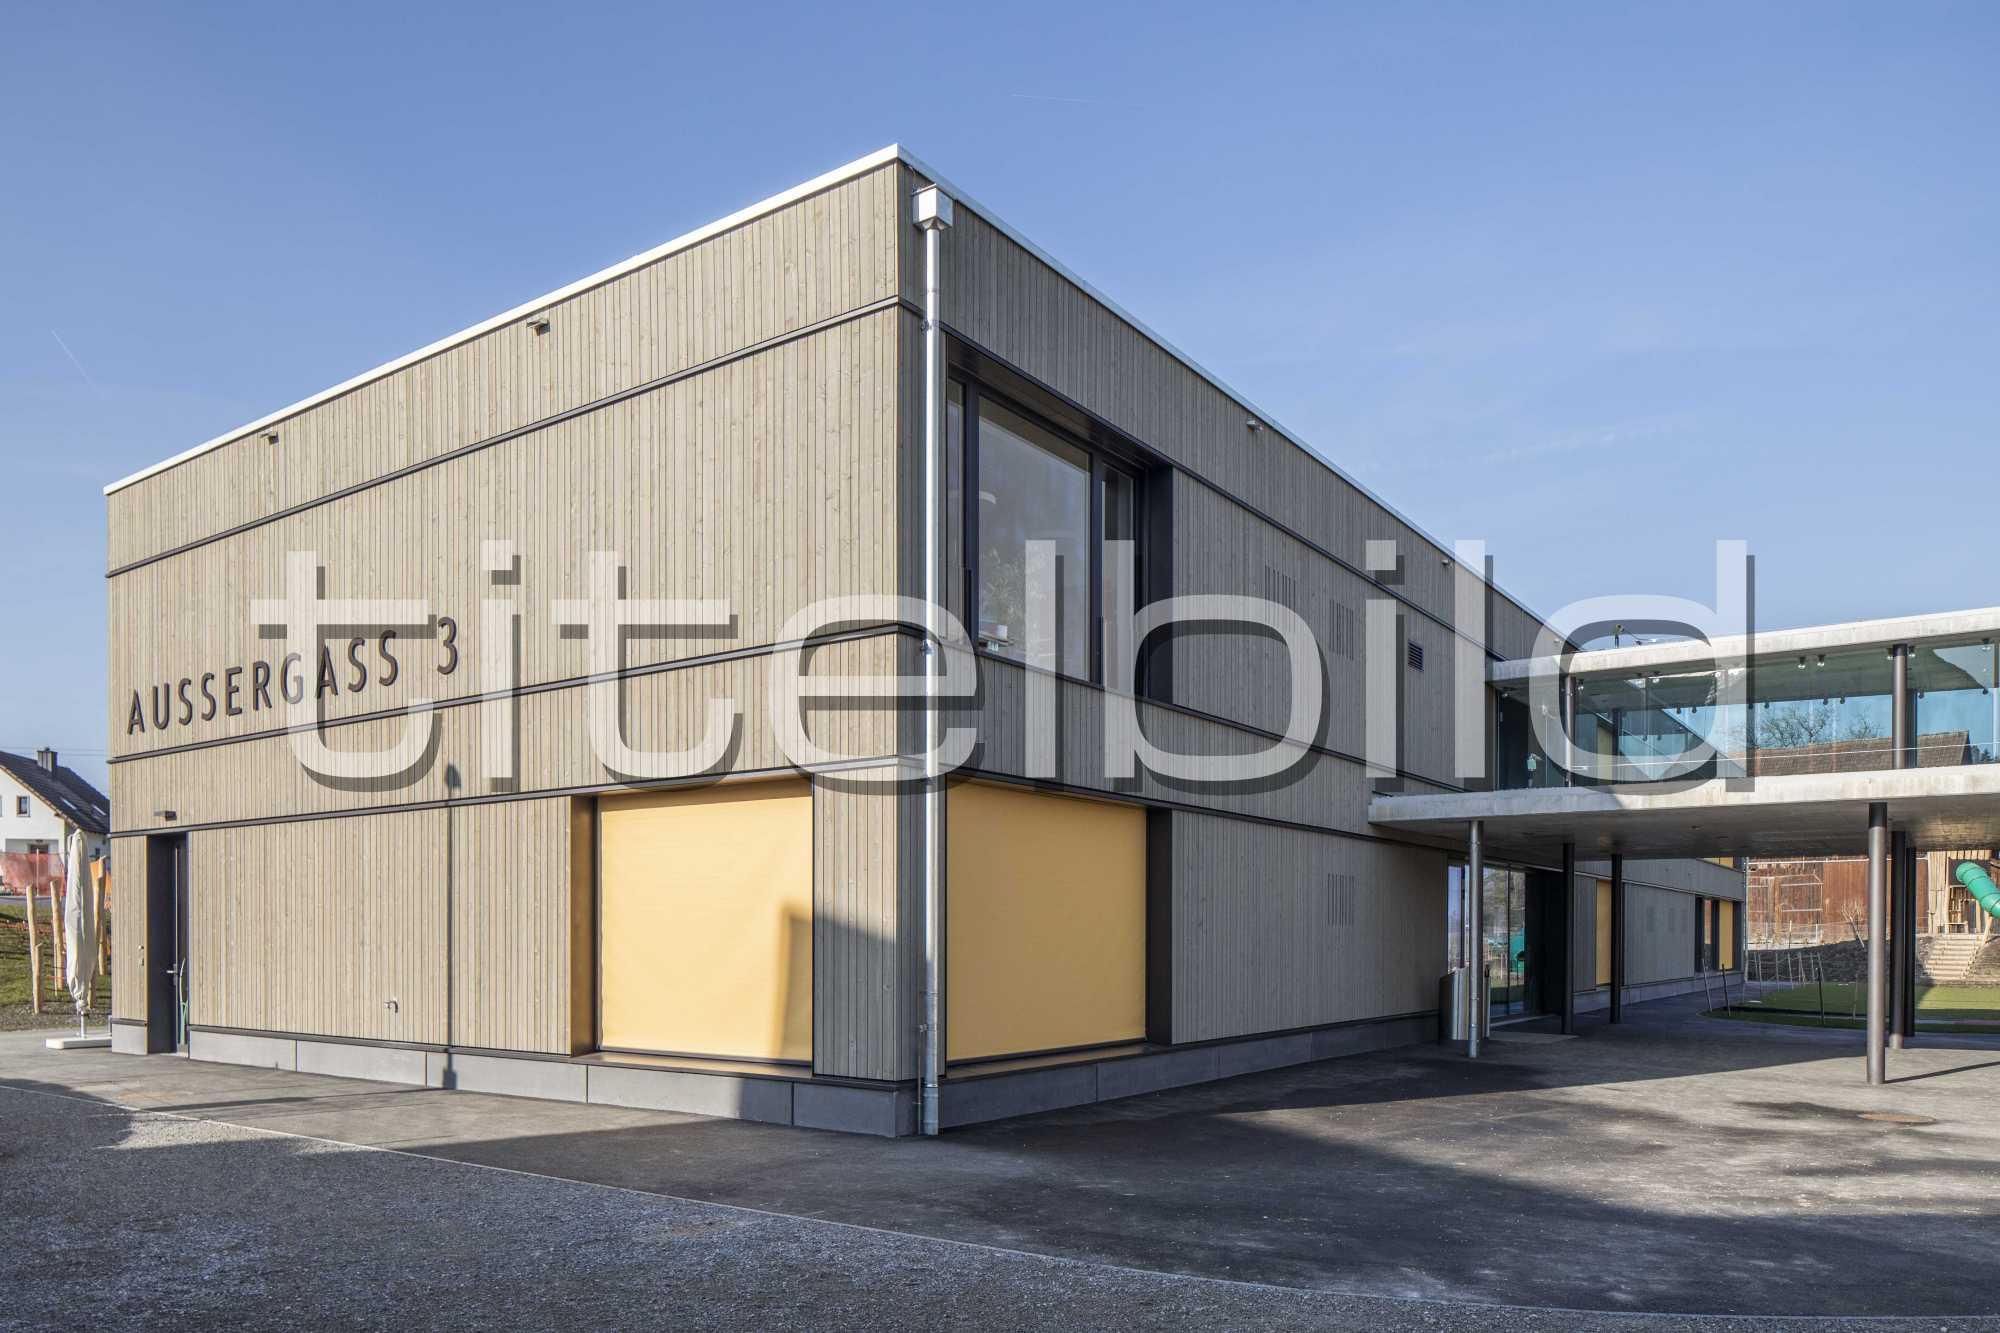 Projektbild-Nr. 1: Schulraum Aussergass, Grüningen